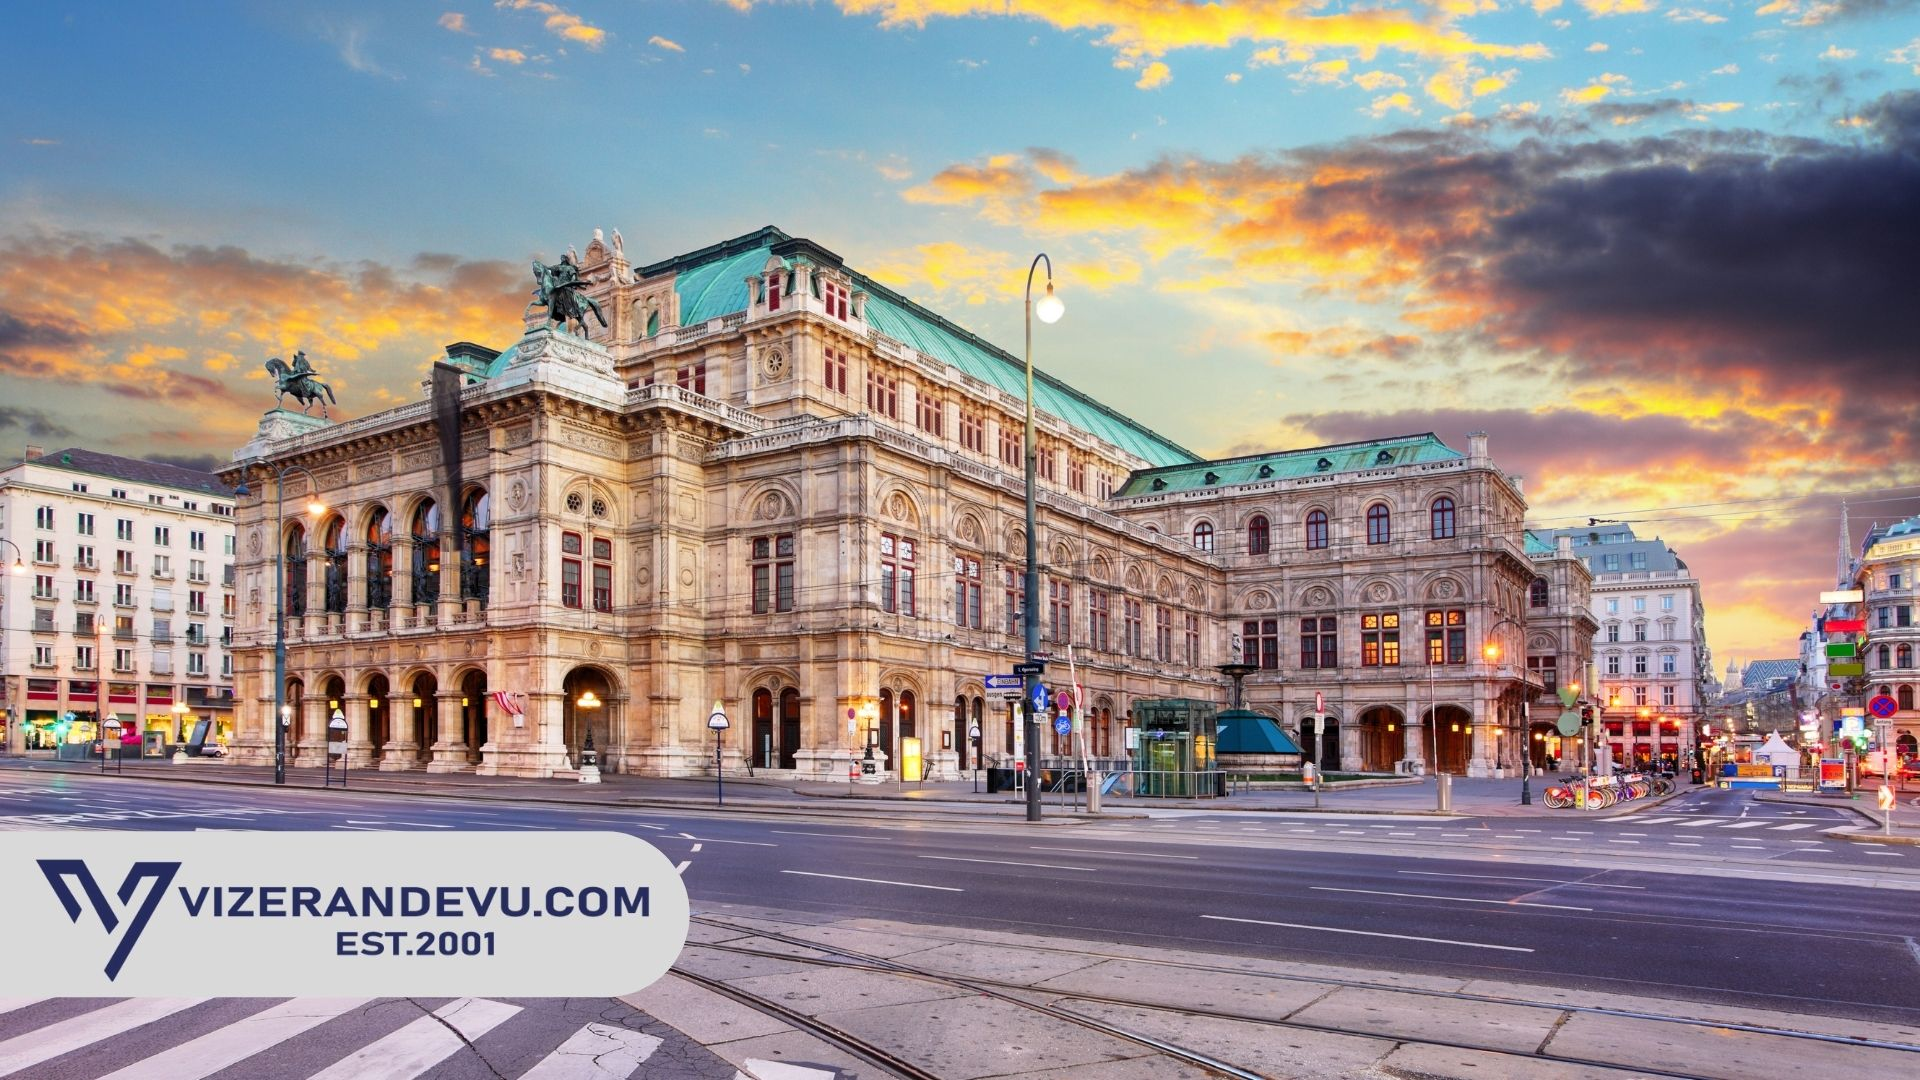 Avusturya Oturum ve Vatandaşlık Başvurusu